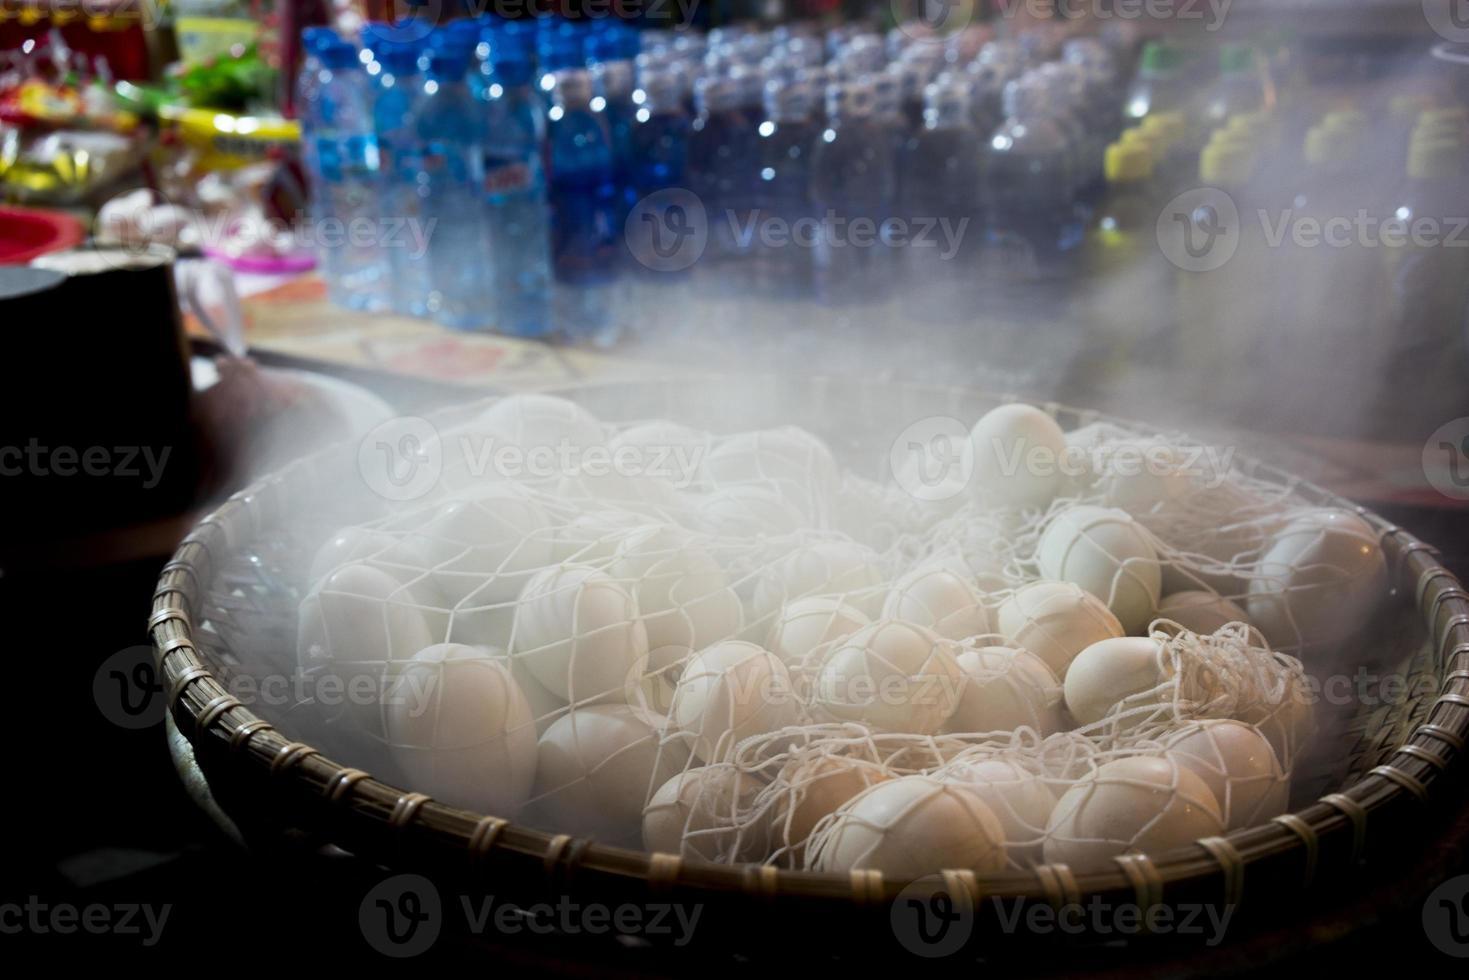 gekookte eieren voor verkoop foto